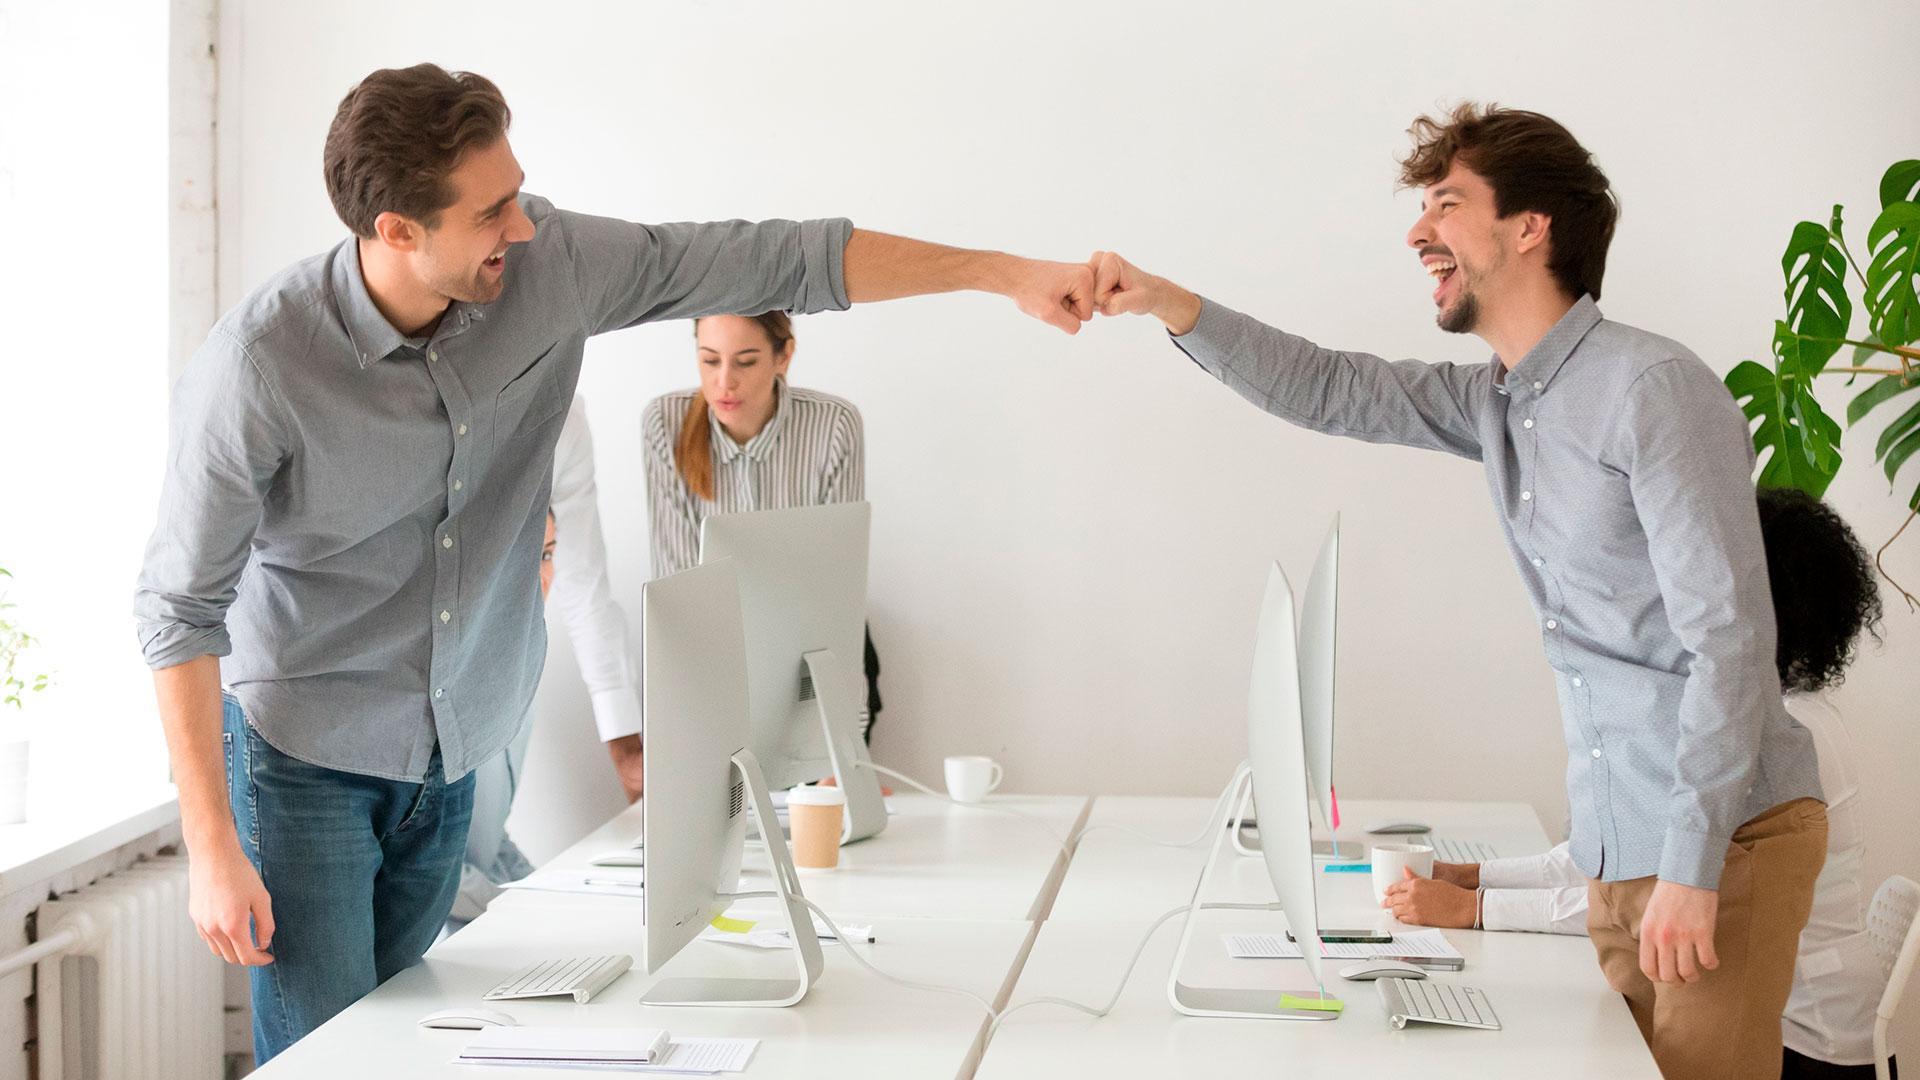 Henkilöstön motivointi on haasteellista, mutta mahdollista.